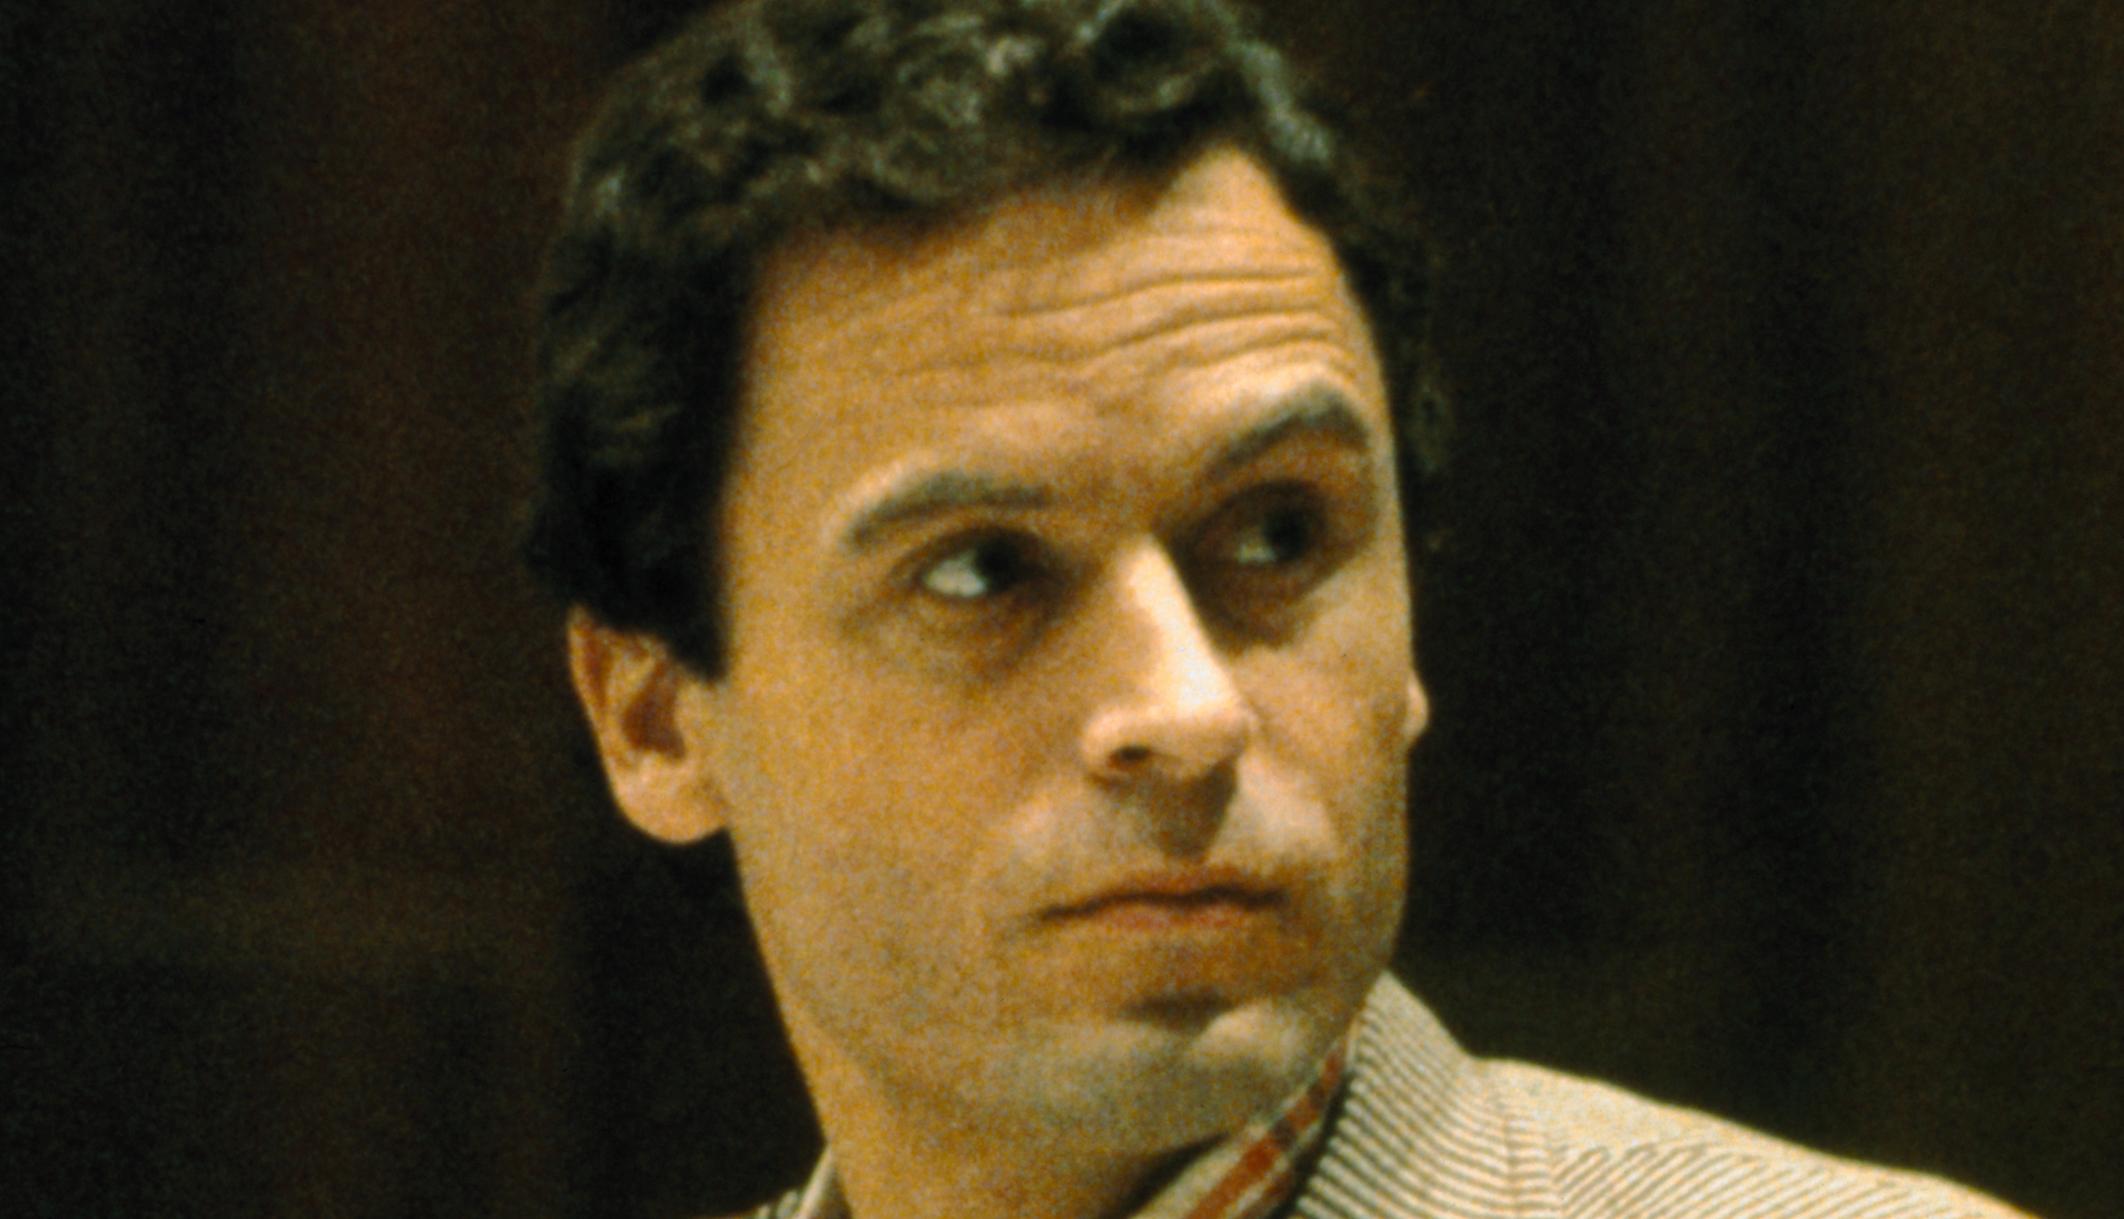 Sí, Ted Bundy era padre. ¿Cuantos niños tuvo el?